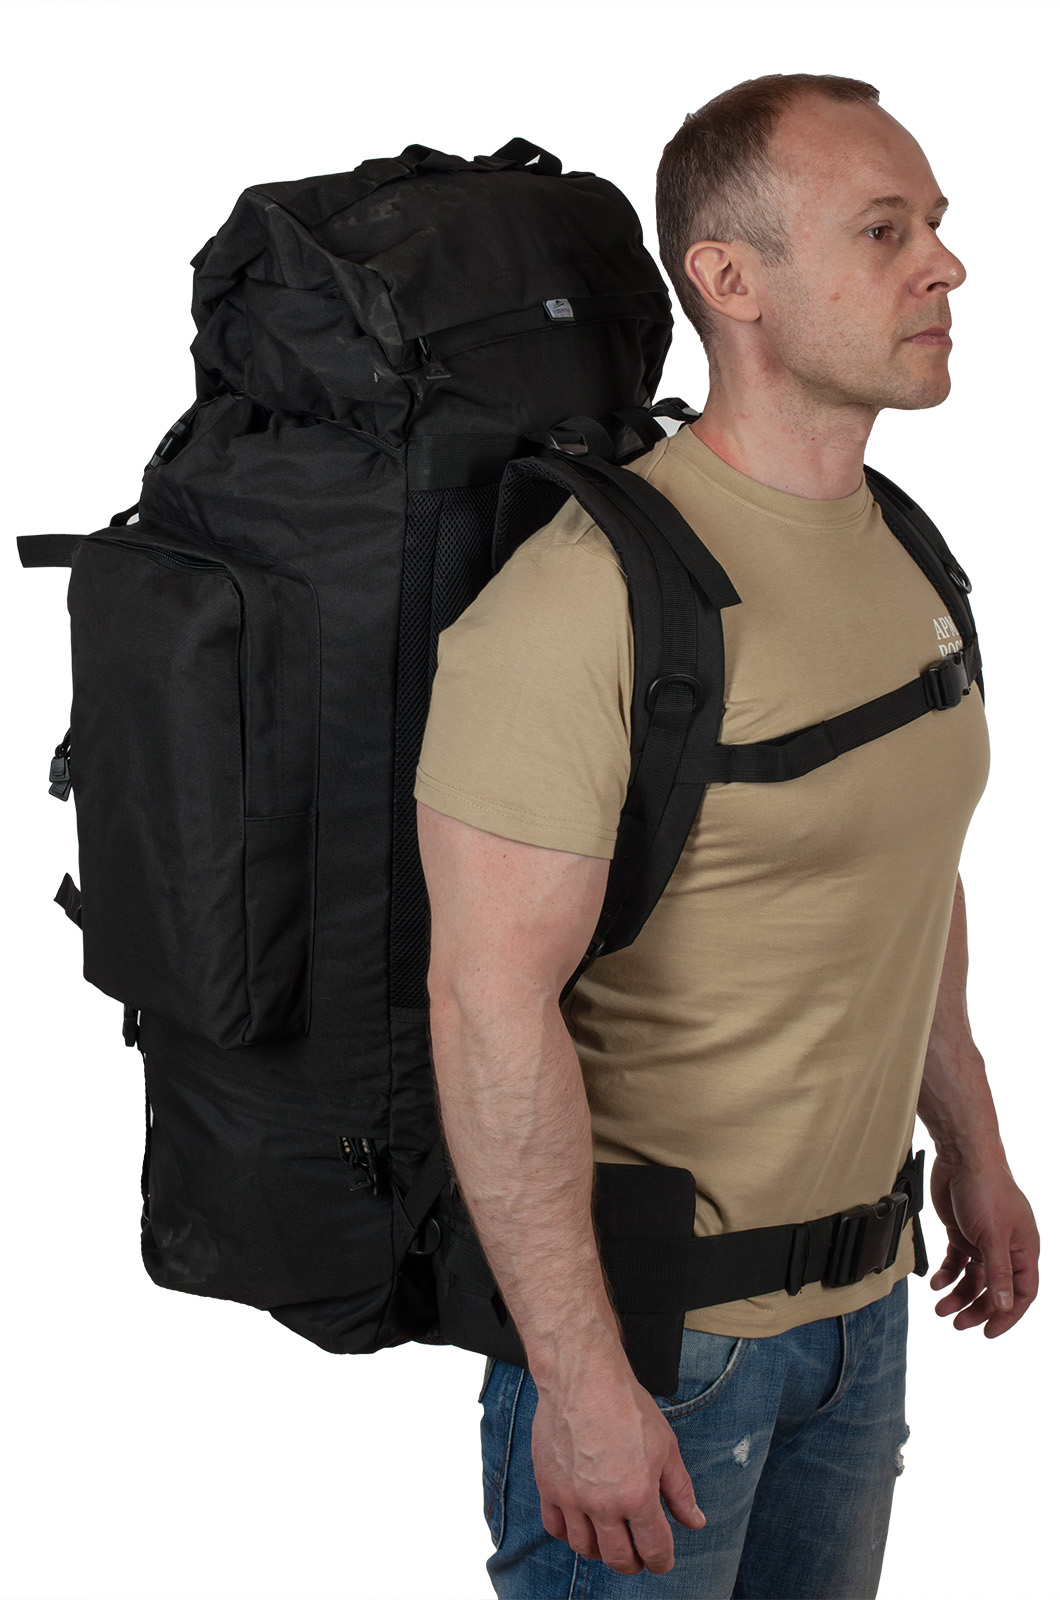 Большой многодневный рюкзак с рыбацкой нашивкой купить в подарок